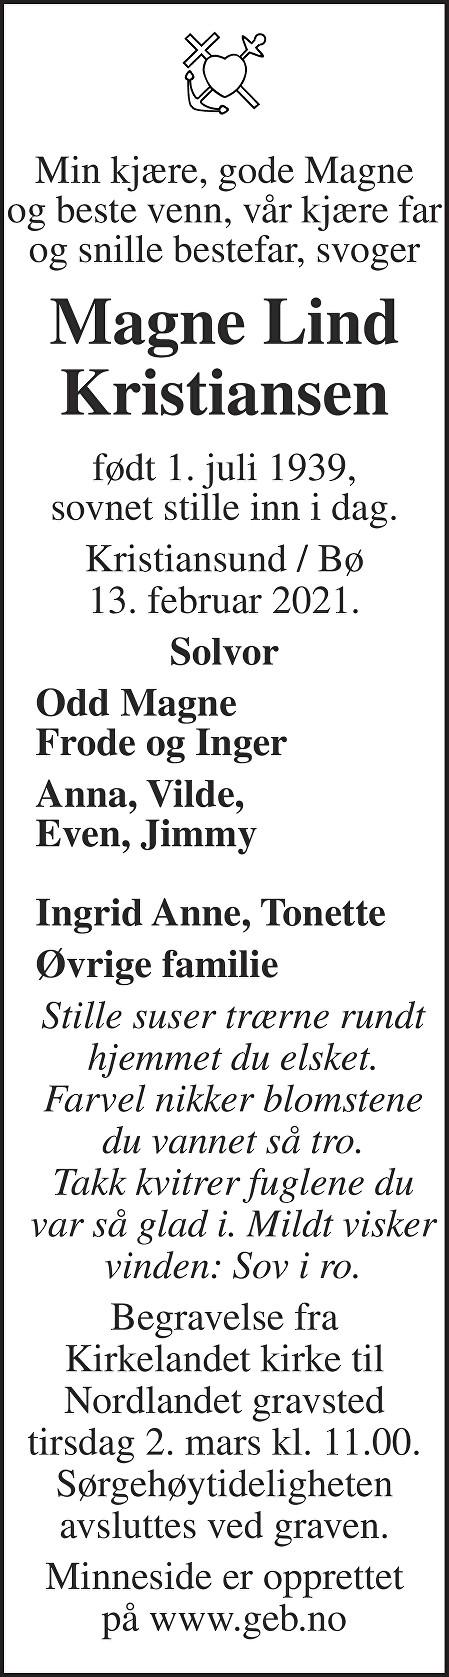 Magne Lind Kristiansen Dødsannonse